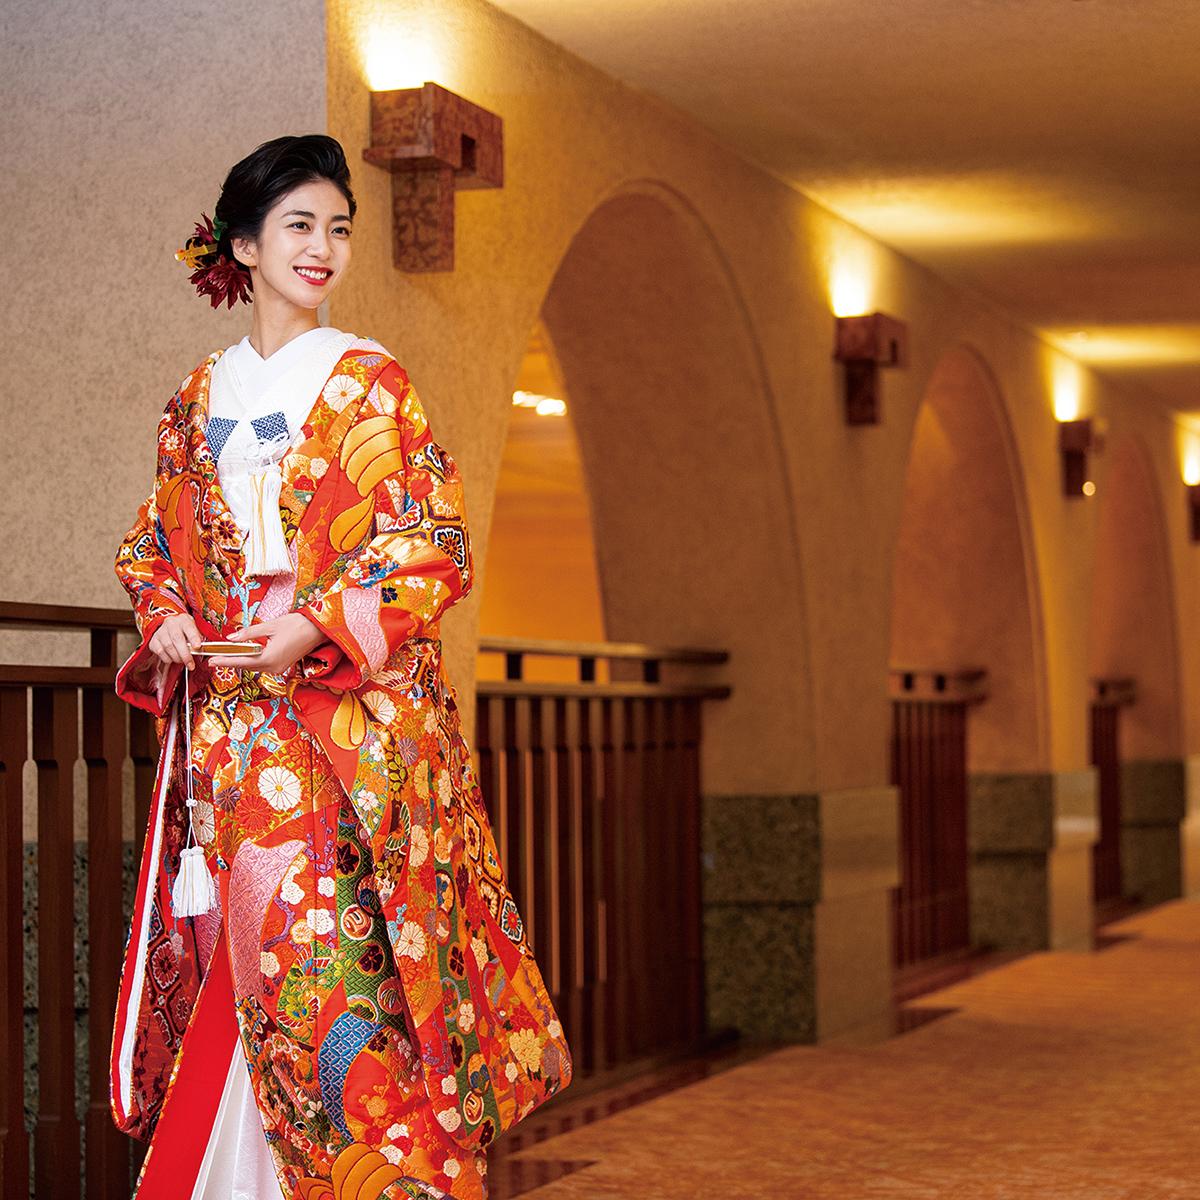 結婚式の魅力 第4回 「神社で執り行う神前式」新着情報イメージ3